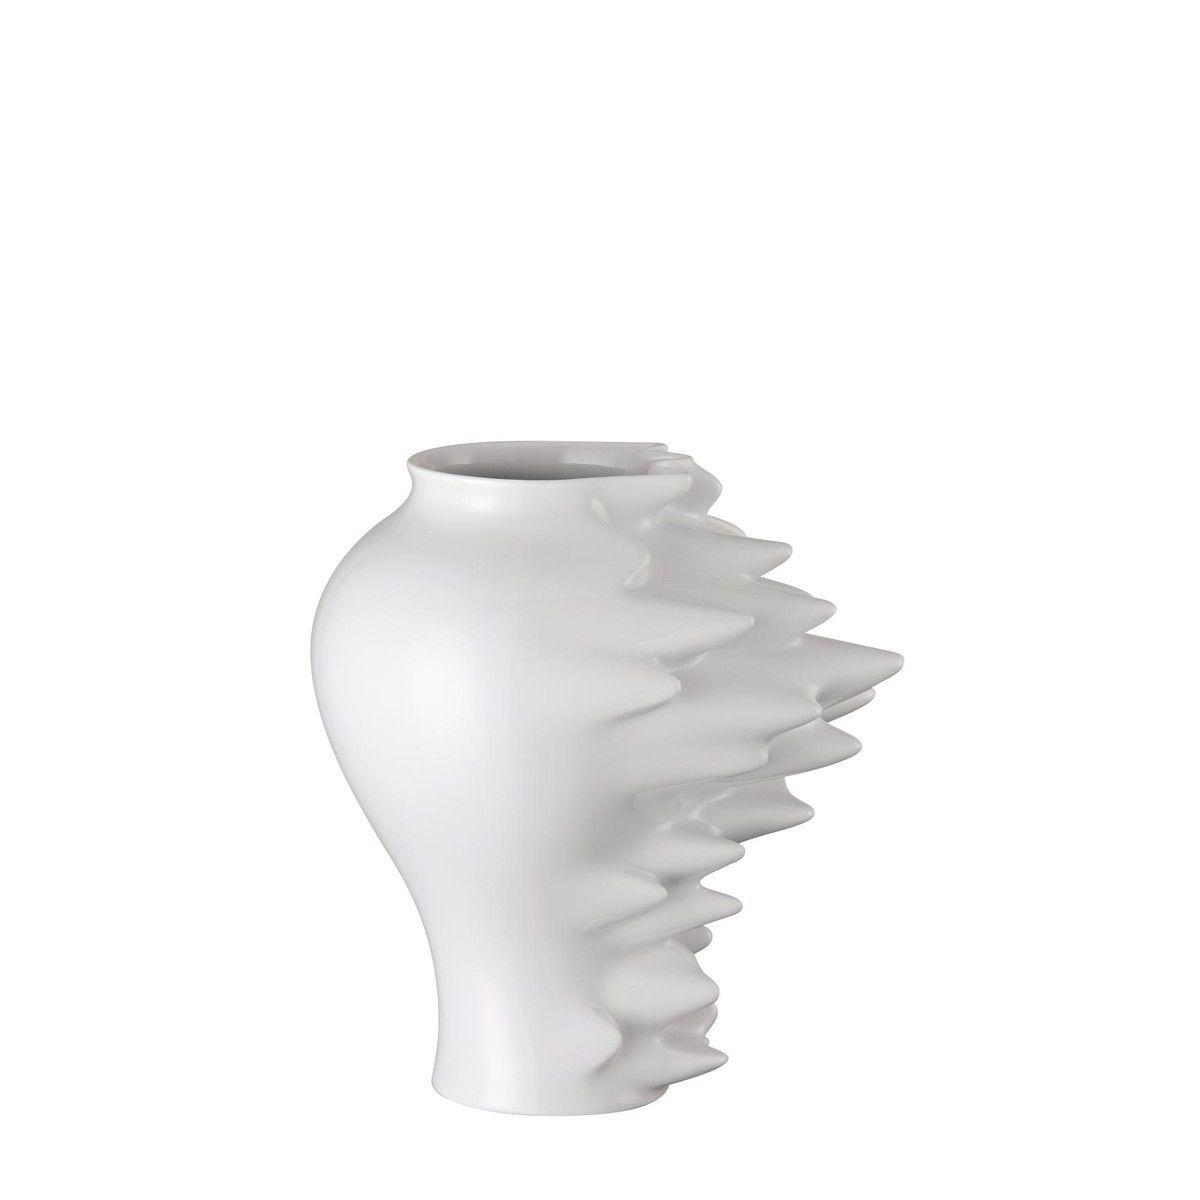 rosenthal fast vase rosenthal. Black Bedroom Furniture Sets. Home Design Ideas